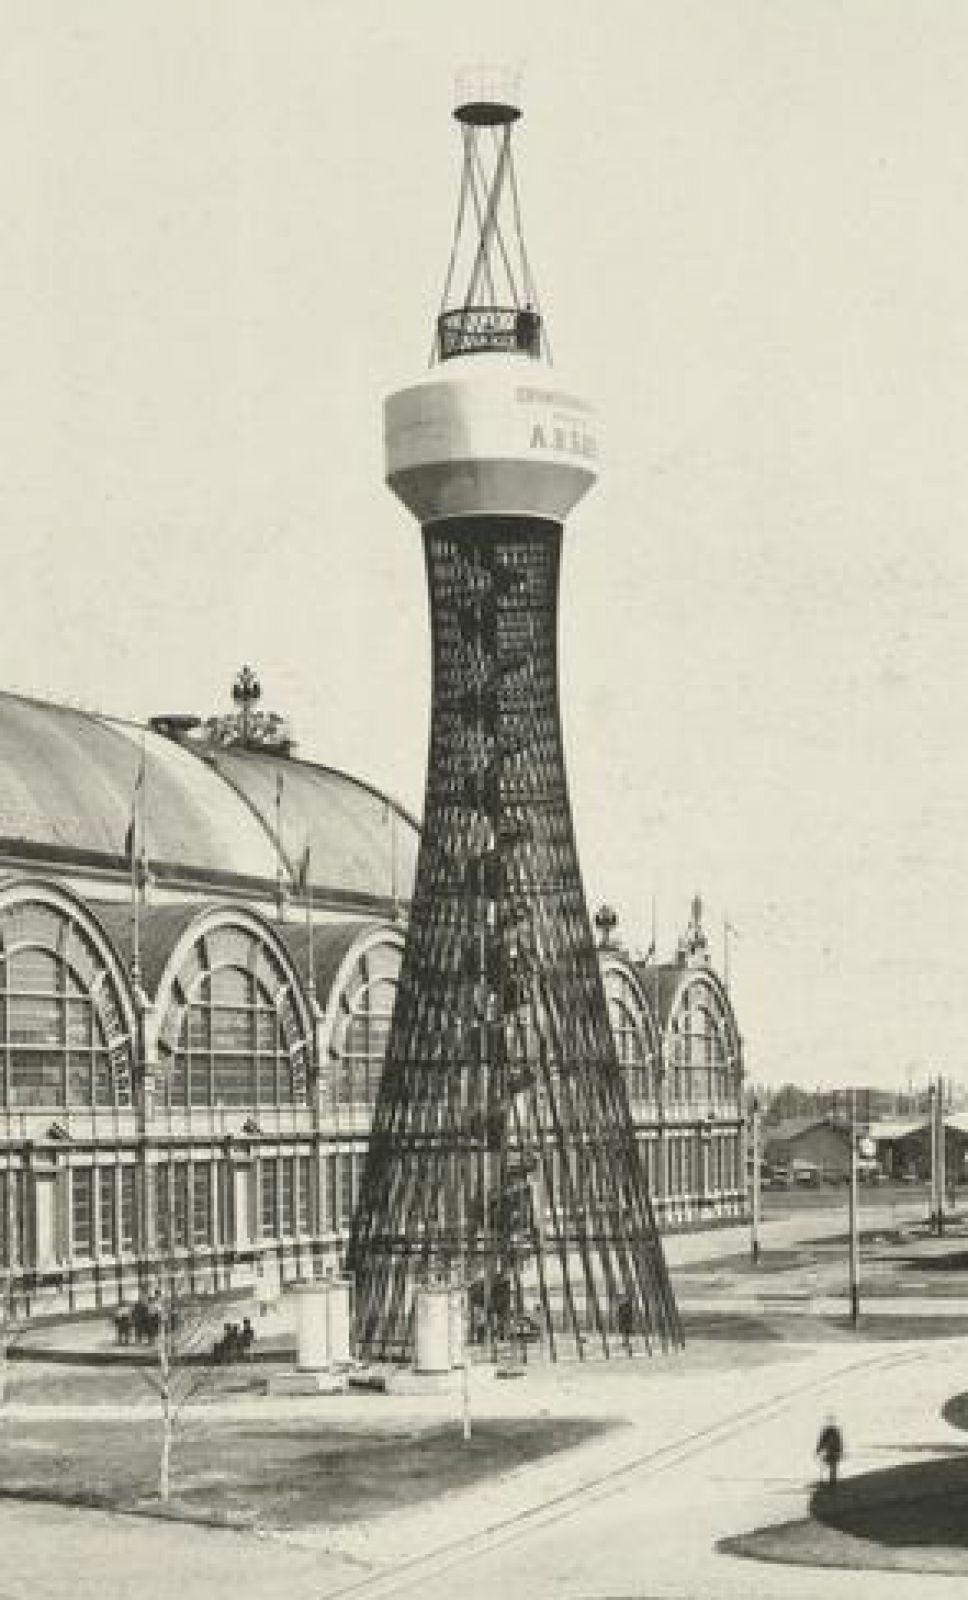 Именно здесь инженер представил свою первую гиперболоидную башню удивительной красоты. После выставки конструкцию купил меценат Нечаев-Мальцови перенес ее в свое имение Полибино в Липецкой области, благодаря чему башня сохранилась до настоящего времени.